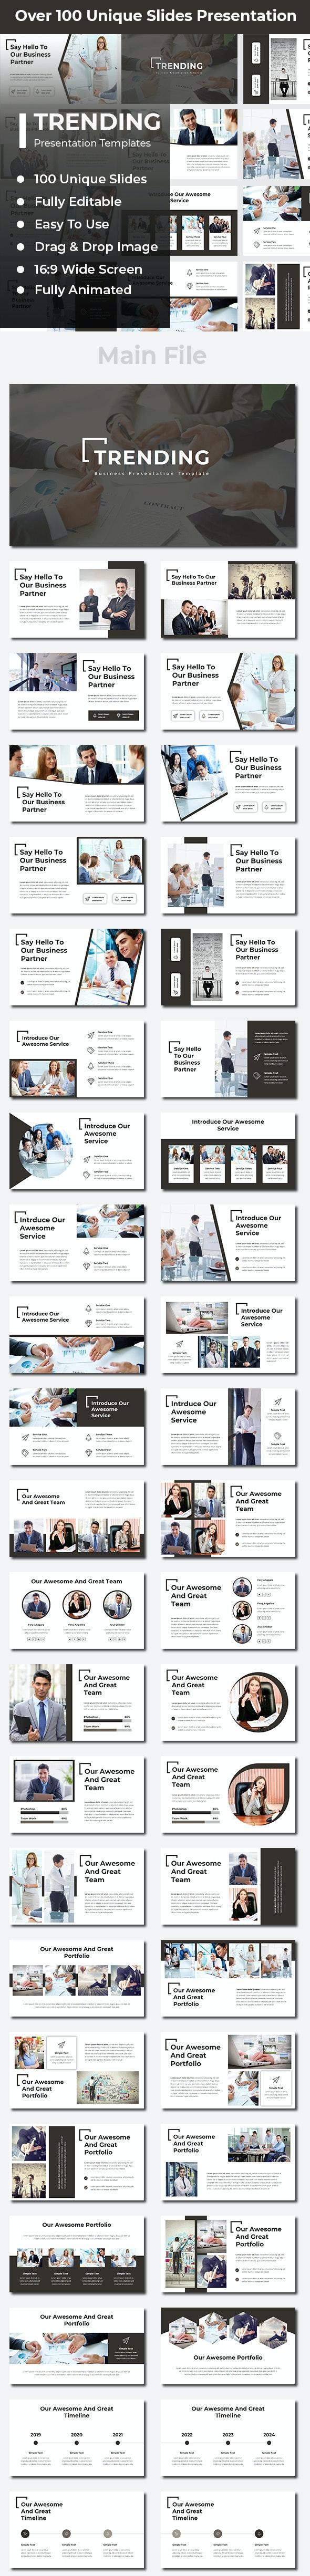 Trending Business Google Slides - Google Slides Presentation Templates